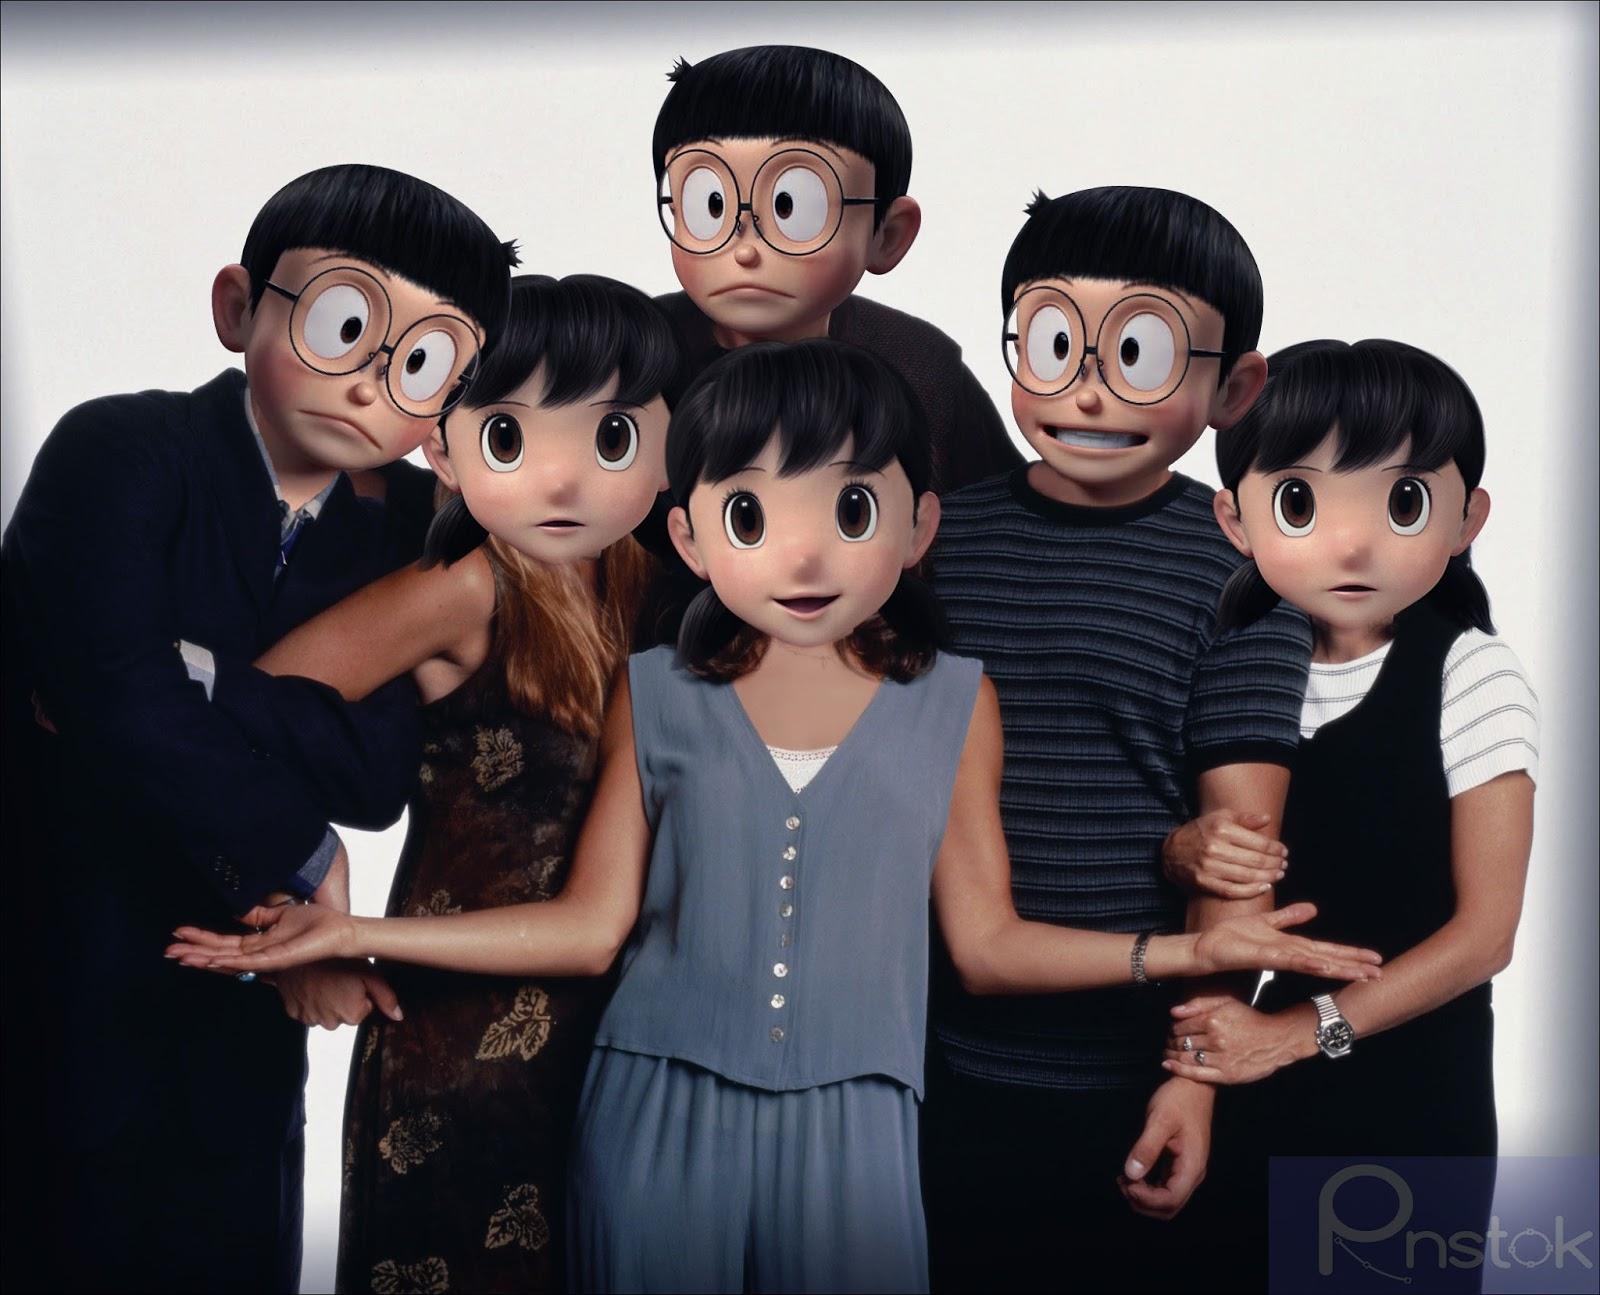 Download Png Mentahan Kepala Nobita Dan Shizuka Hd Pack Rnstok